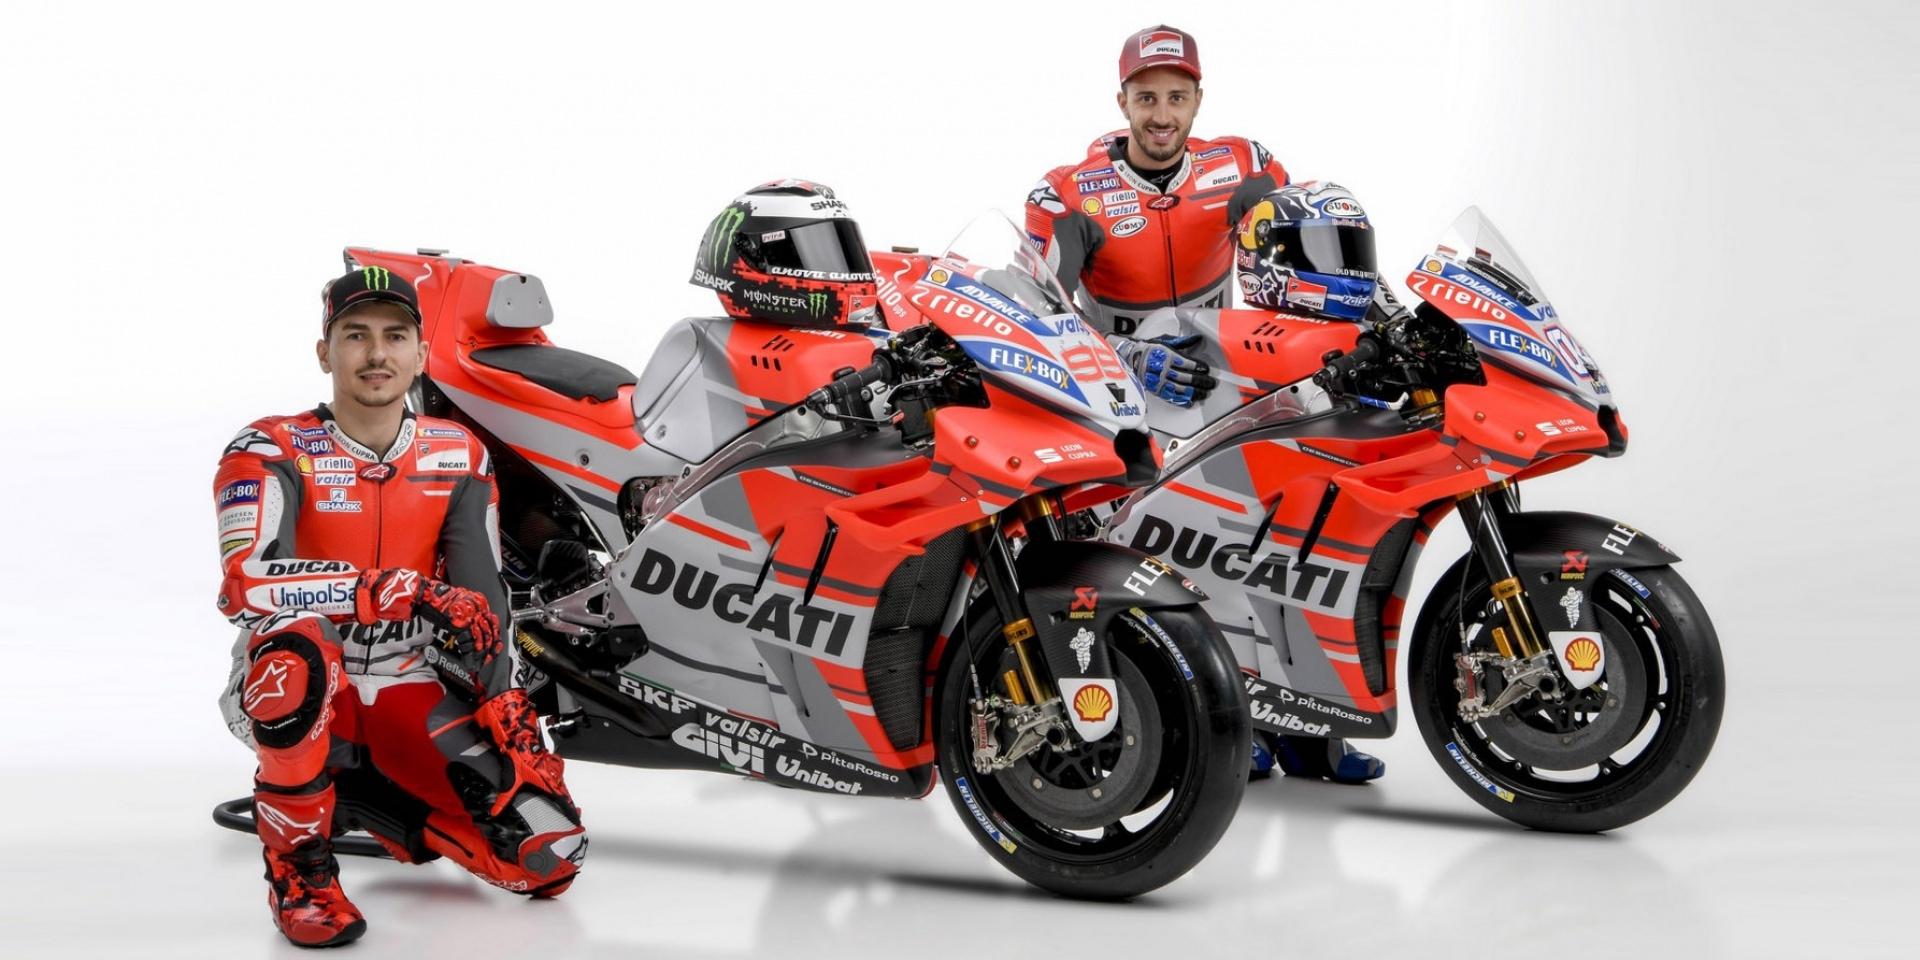 賽場上的紅鬃烈馬,Ducati Desmosedici GP18登場